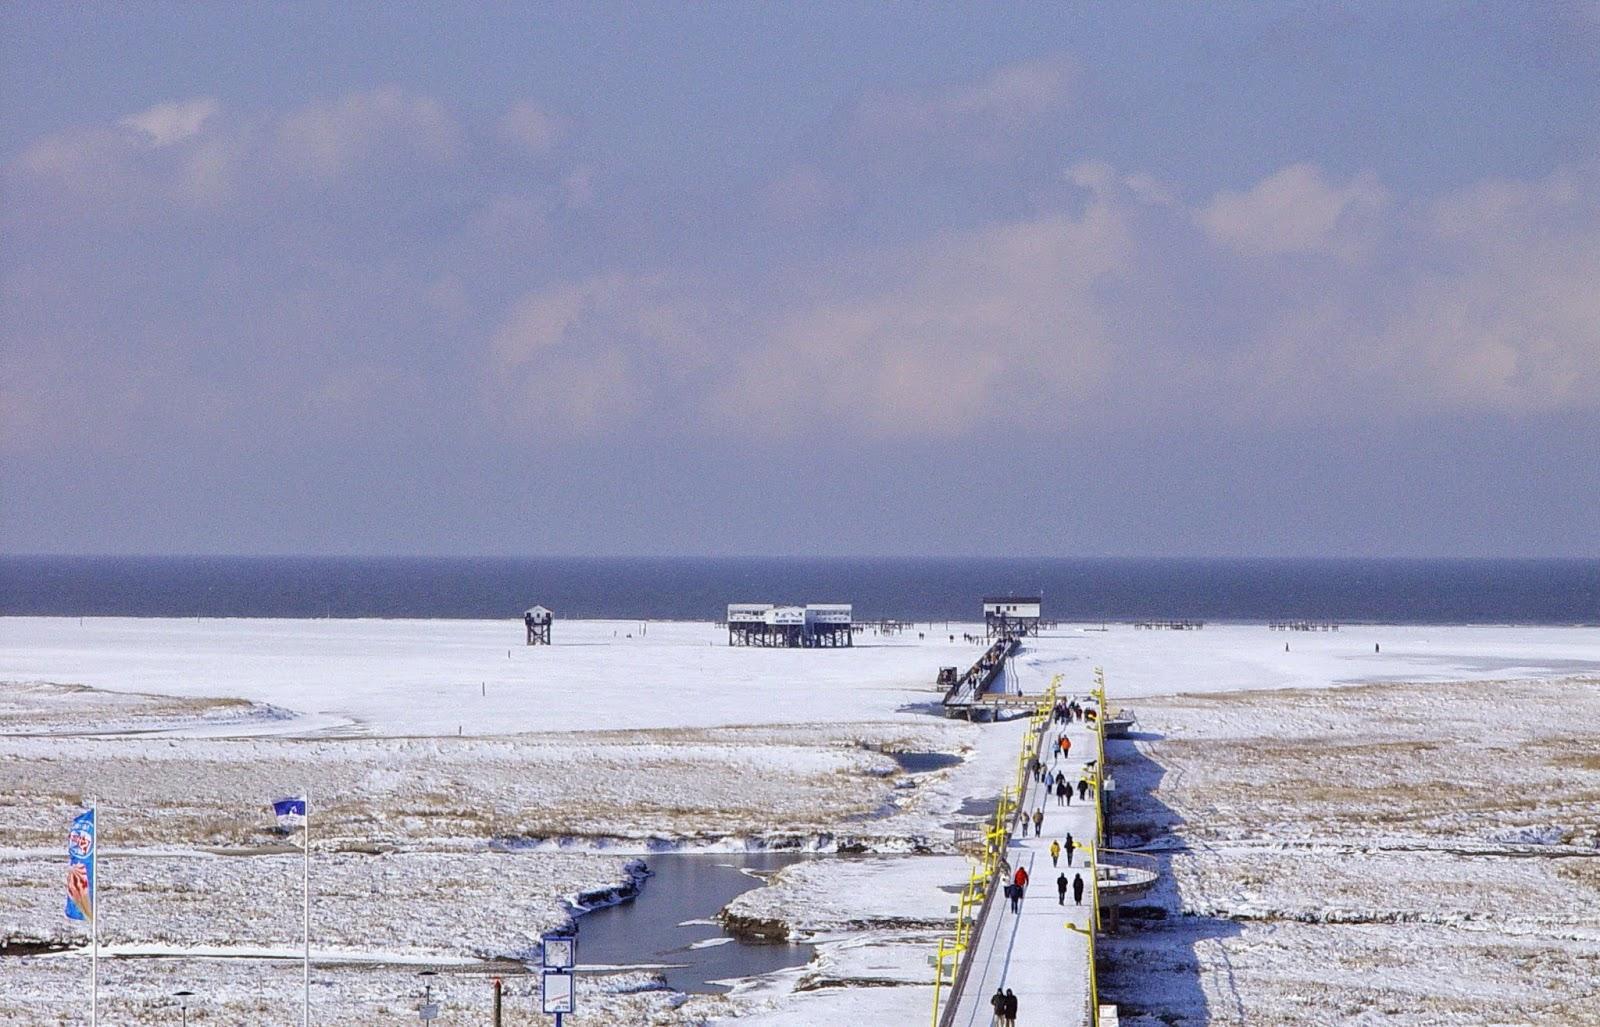 Winterfoto mit viel Schnee - Fotografiert von der Dachterrasse des Hotels Ambassador in St. Peter-Ording